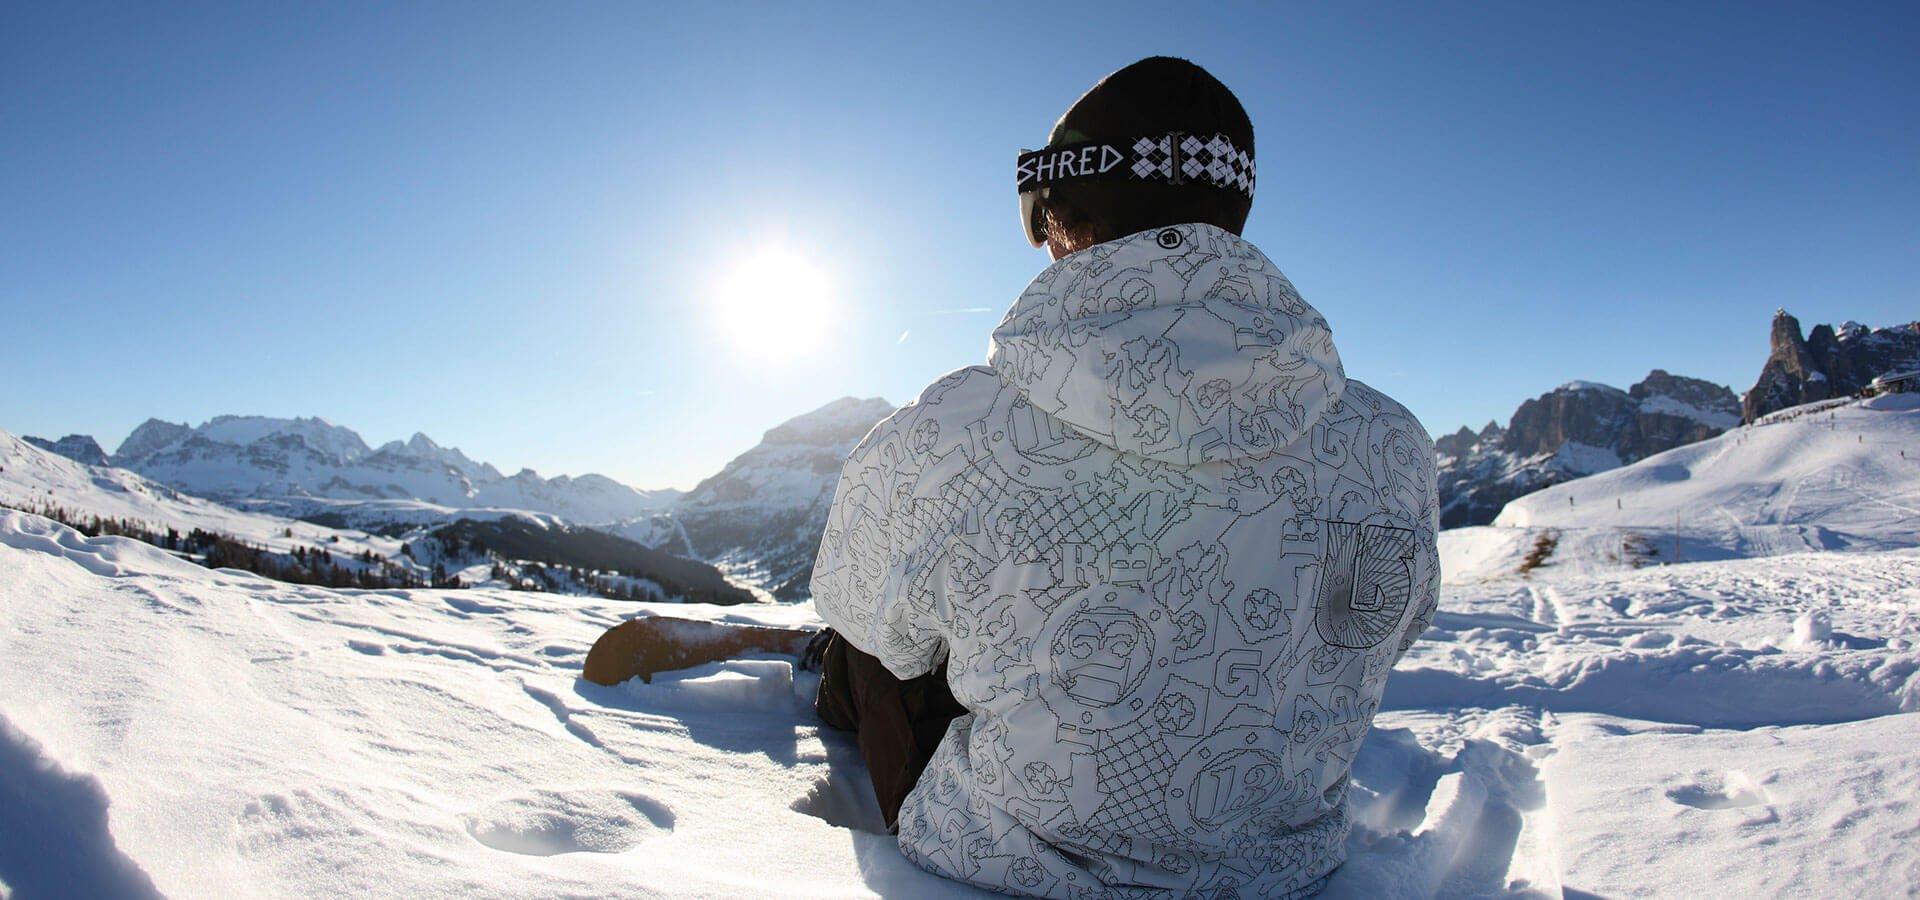 Auch Snowboarder sind herzlich willkommen